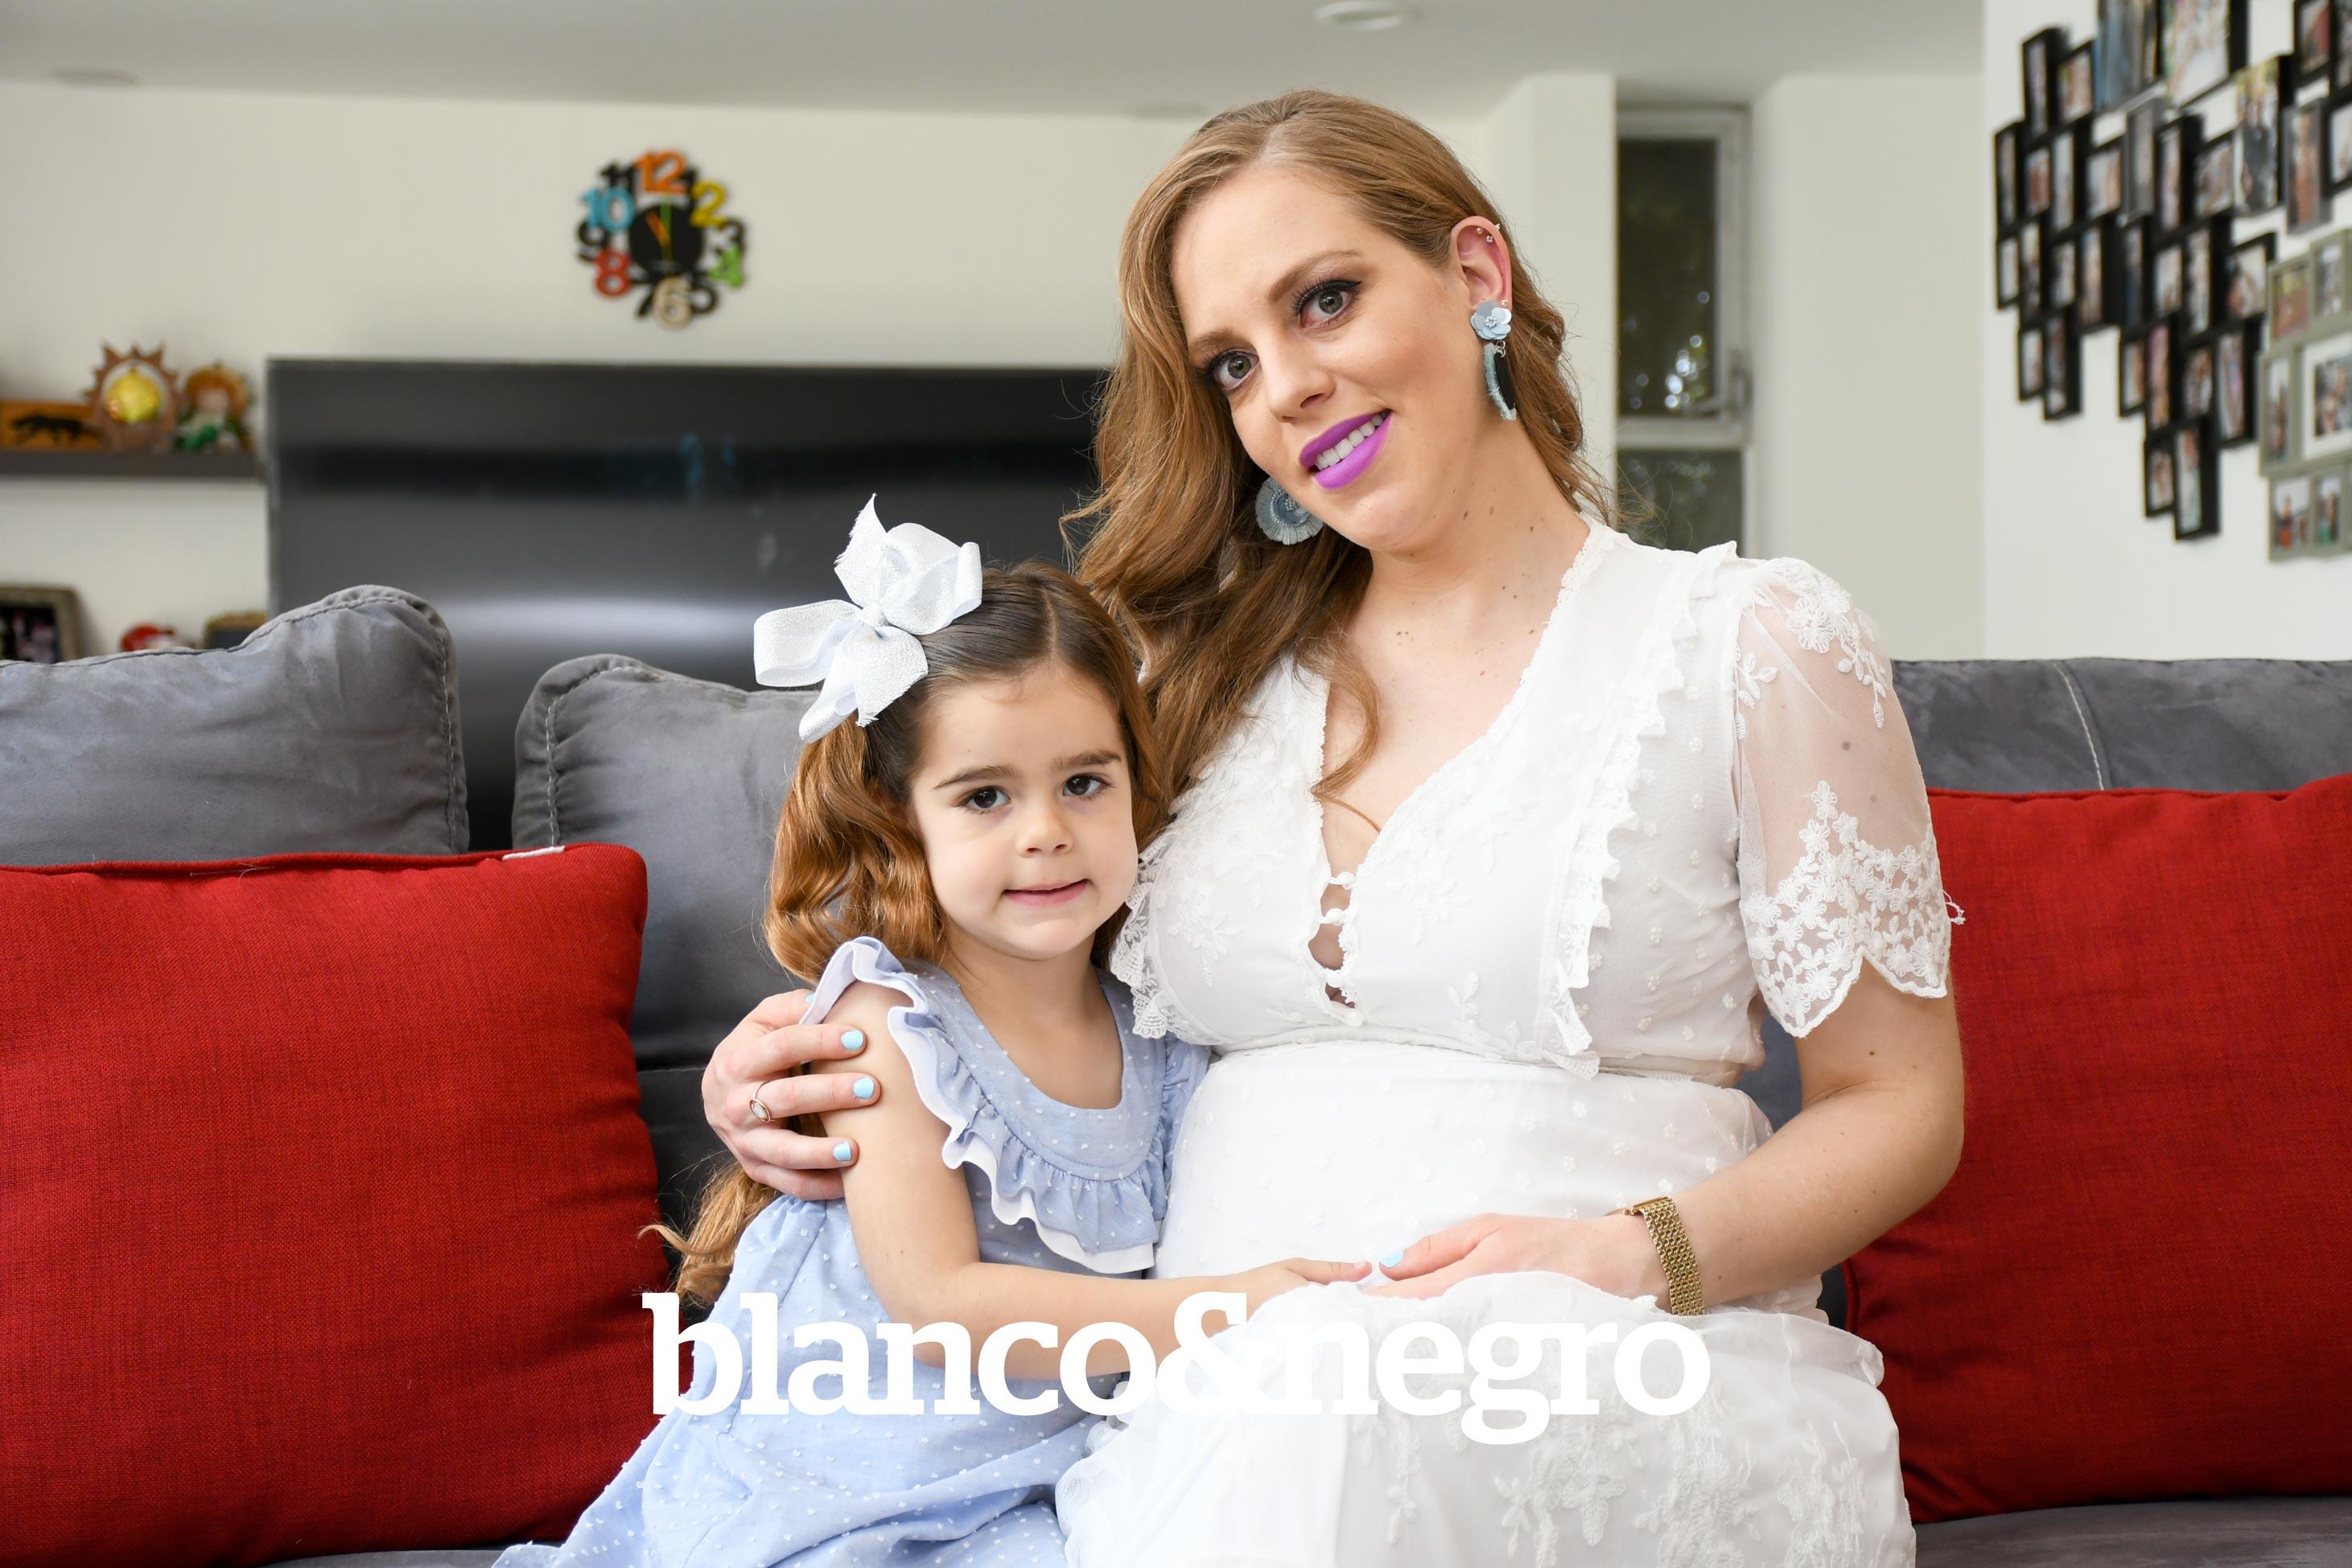 Baby-Susana-Gonzalez-118